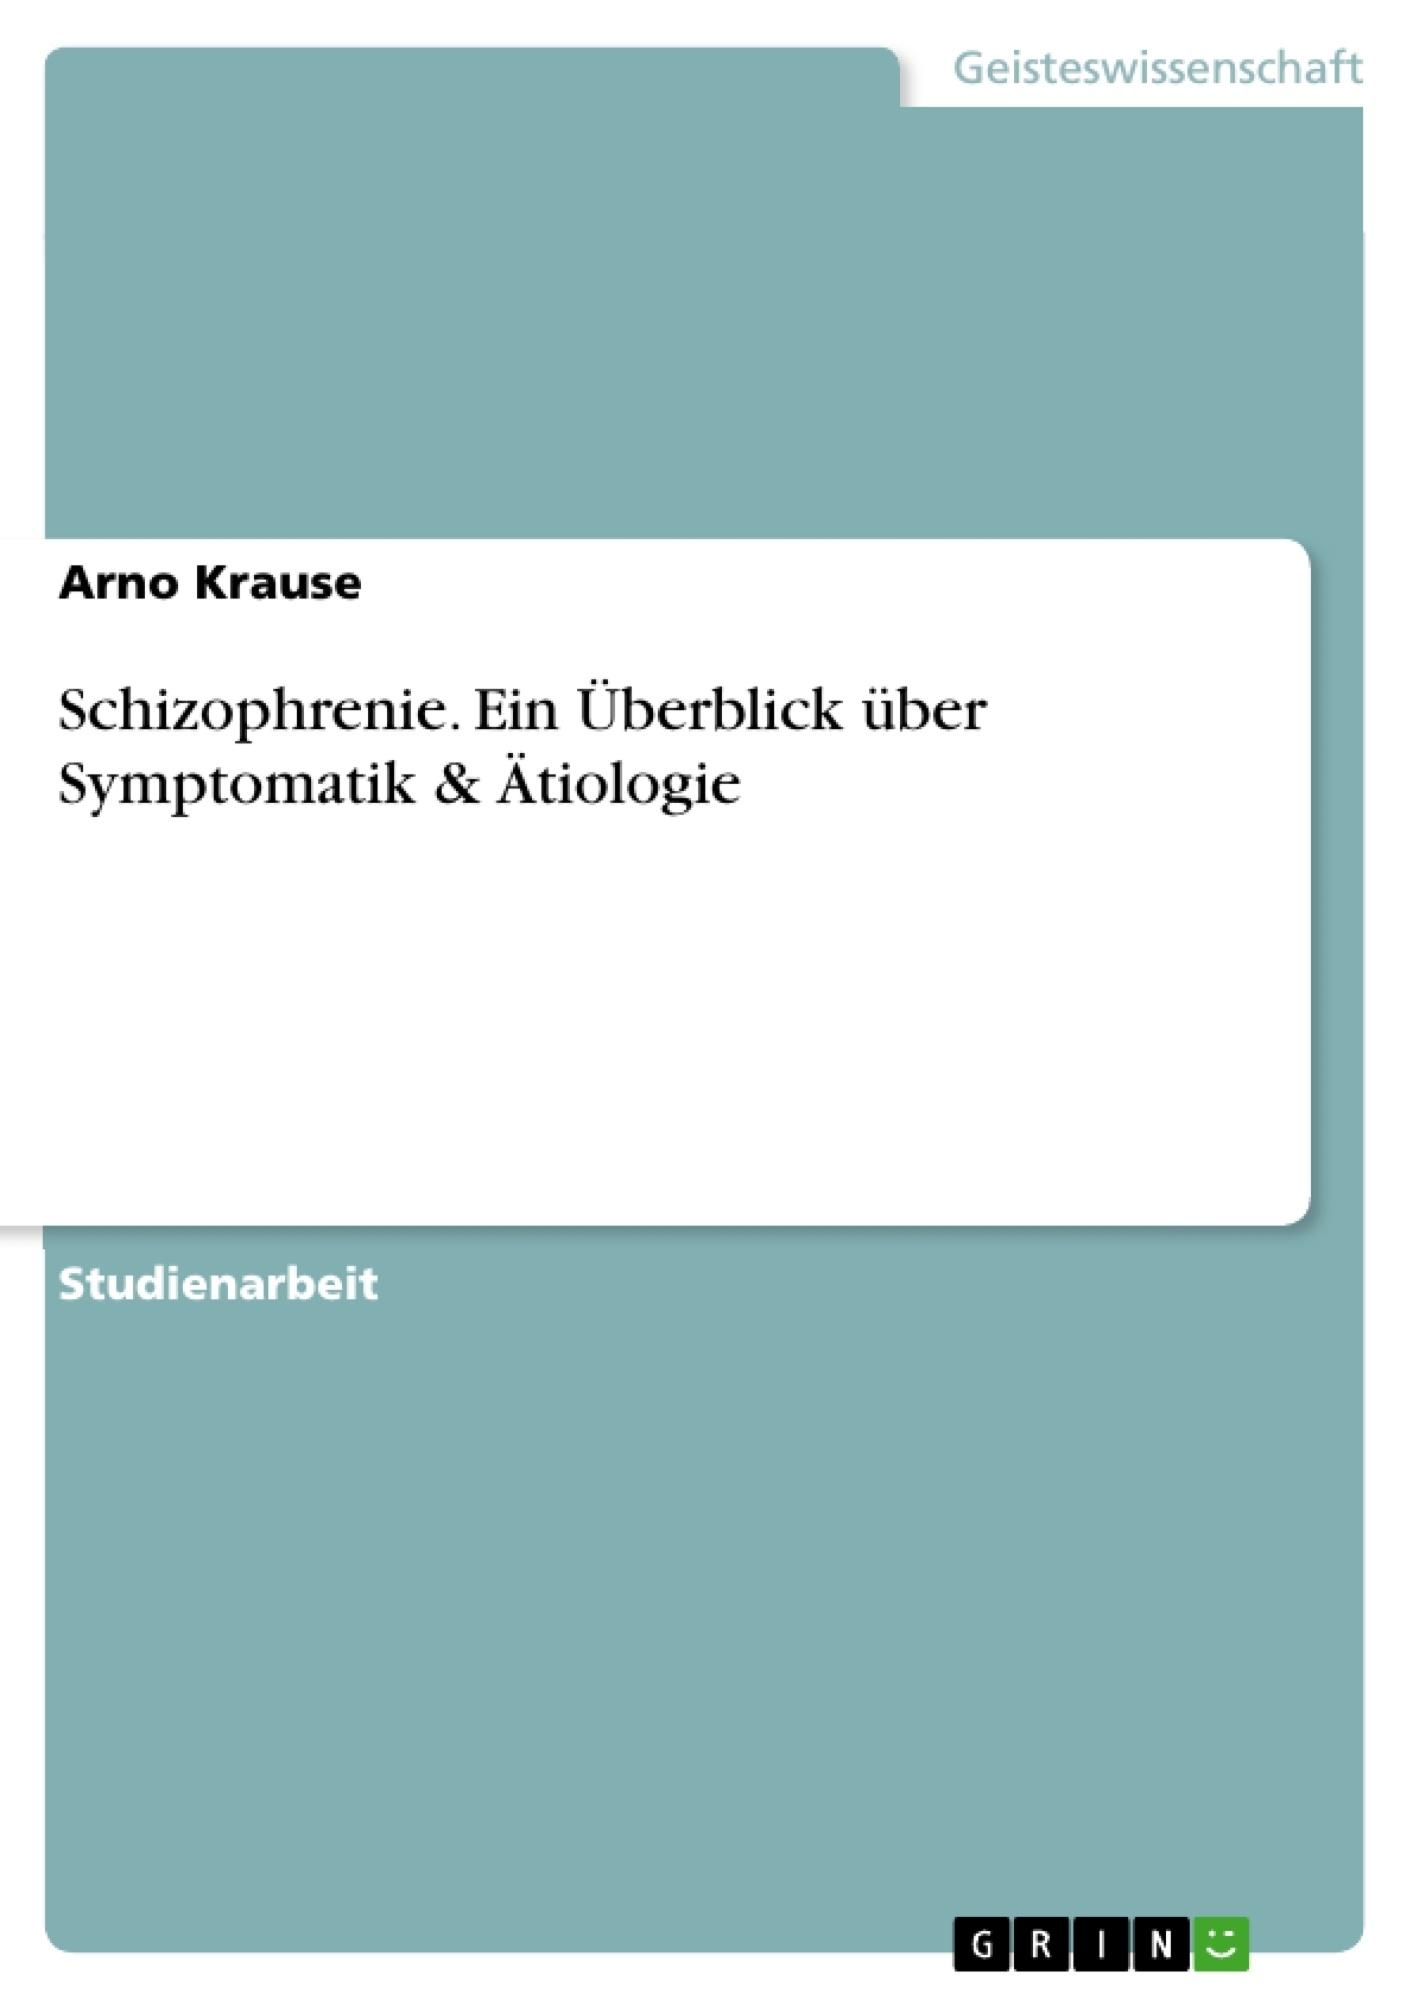 Titel: Schizophrenie. Ein Überblick über Symptomatik & Ätiologie